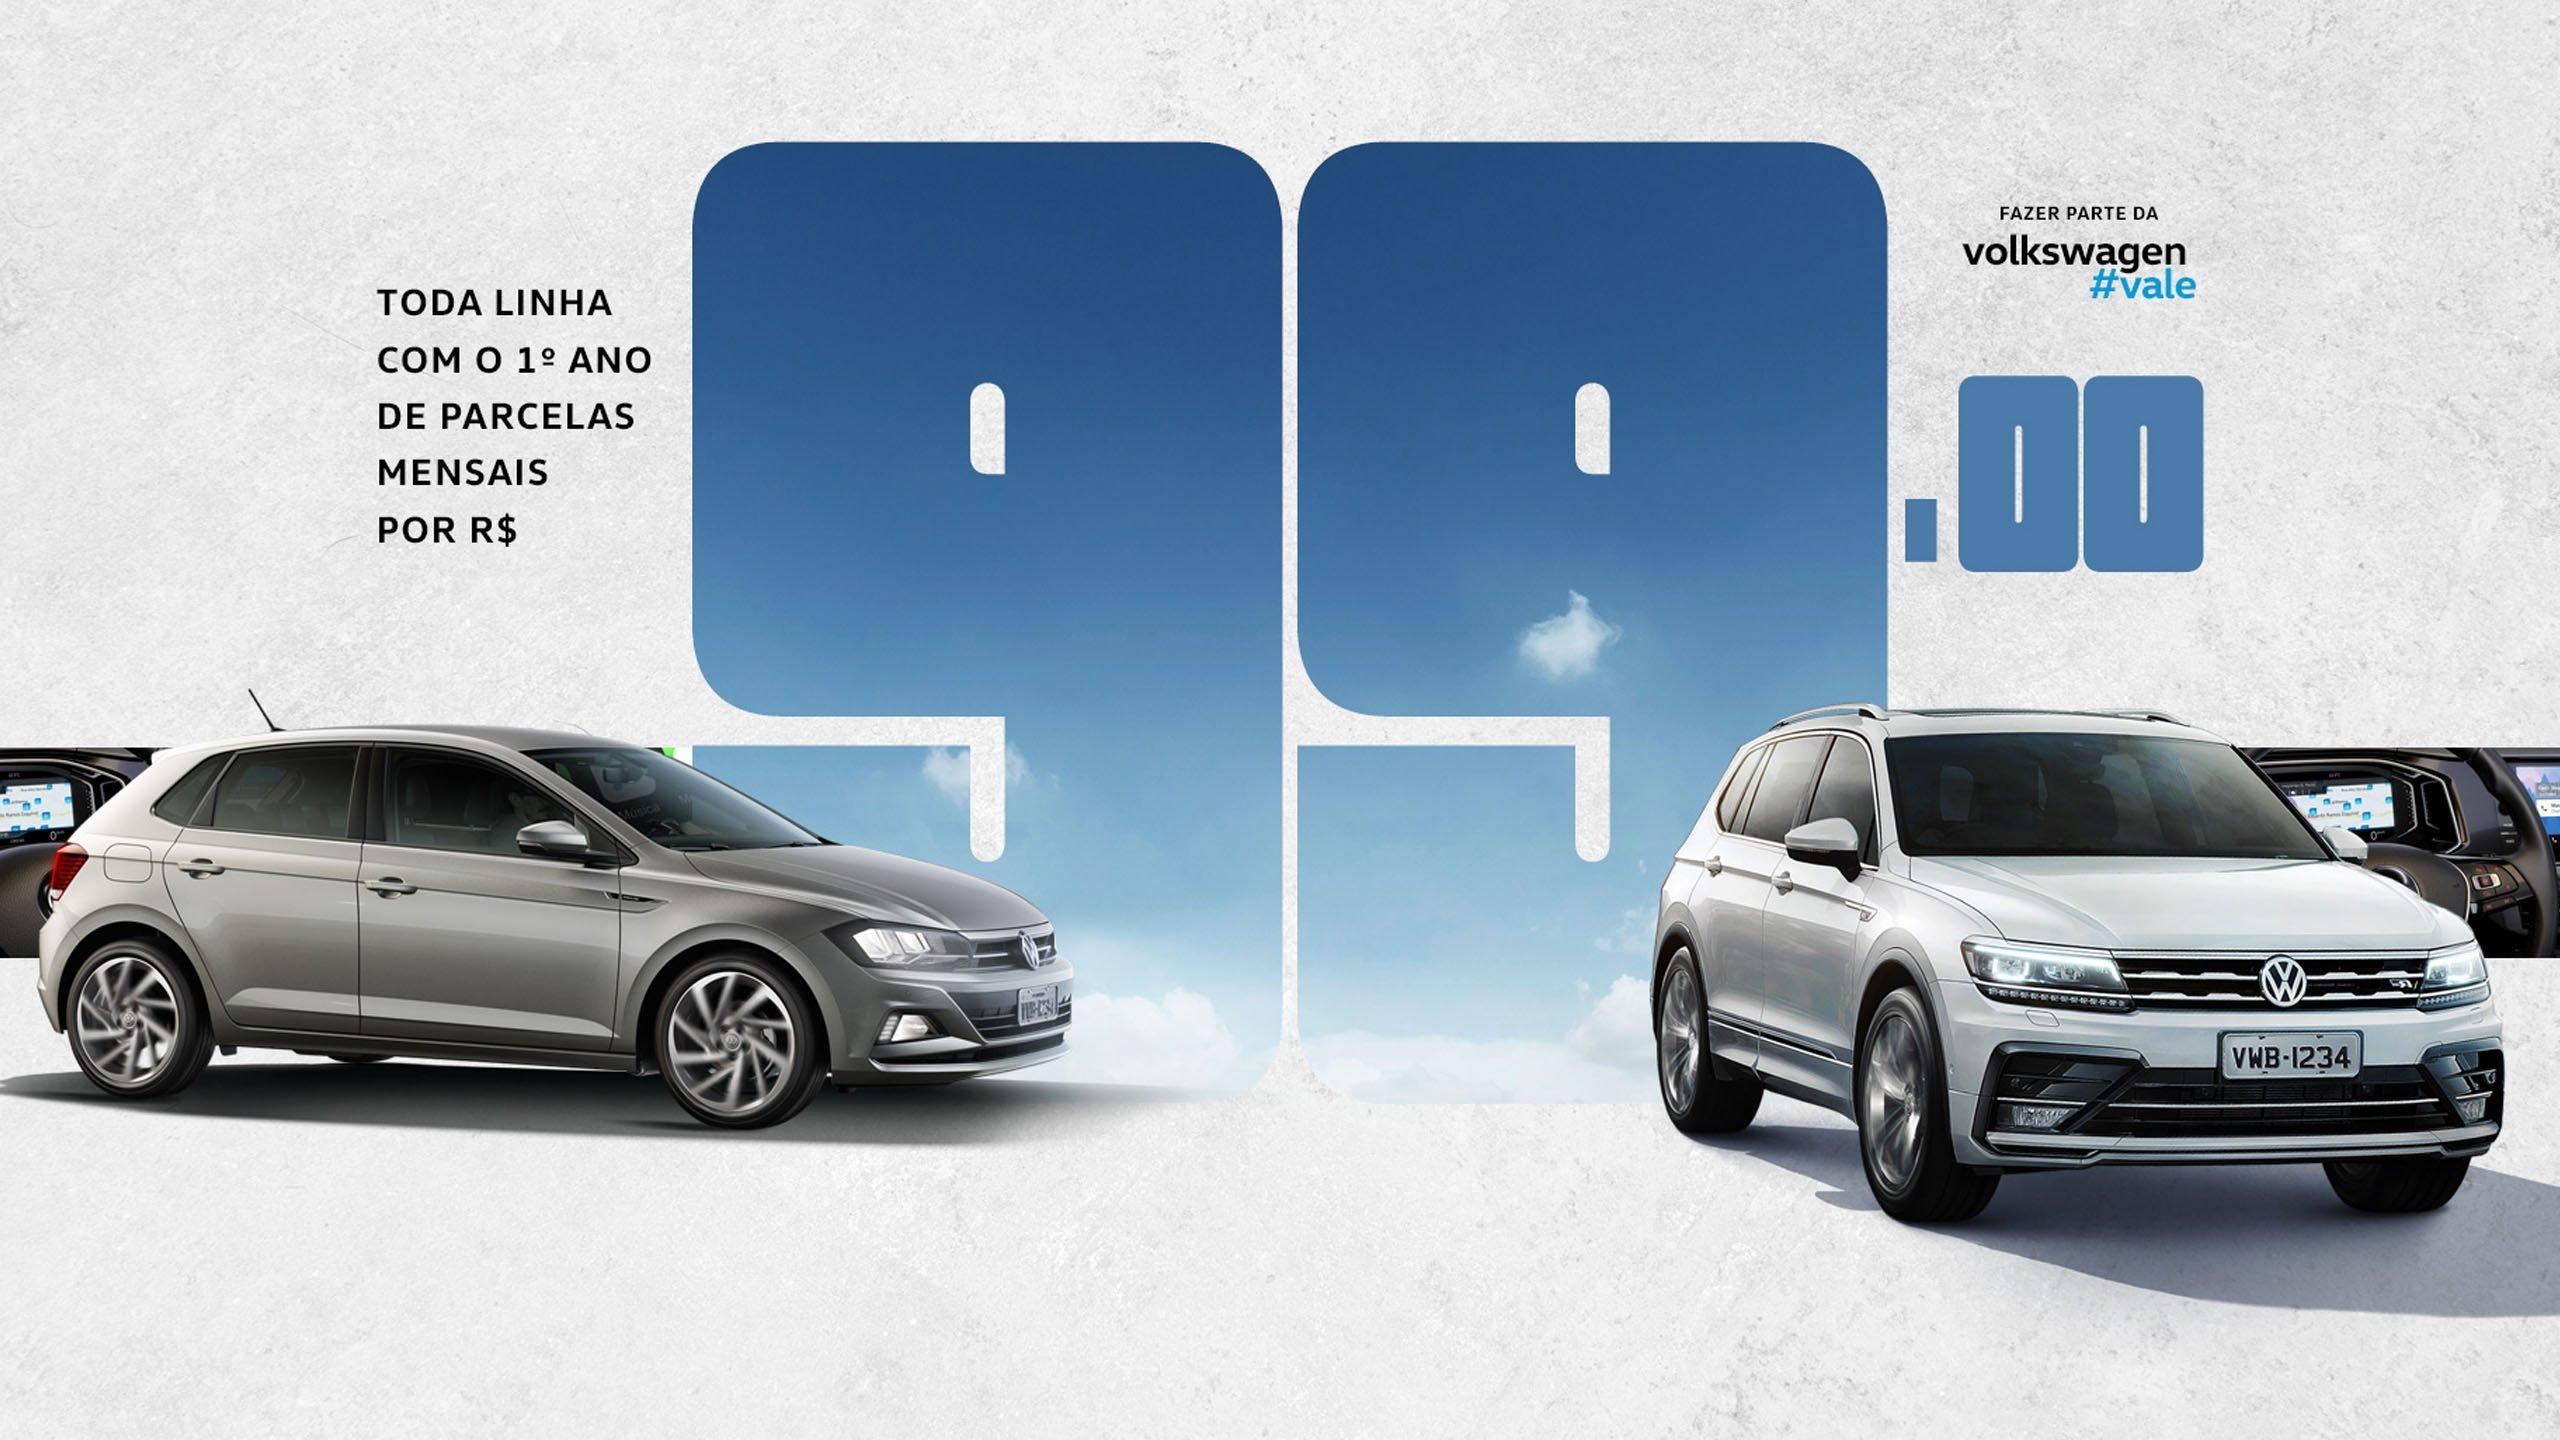 Aproveite o Feirão Volkswagen na Alemanha Veículos de 23 a 26/08: toda a linha com parcelas de R$ 99!